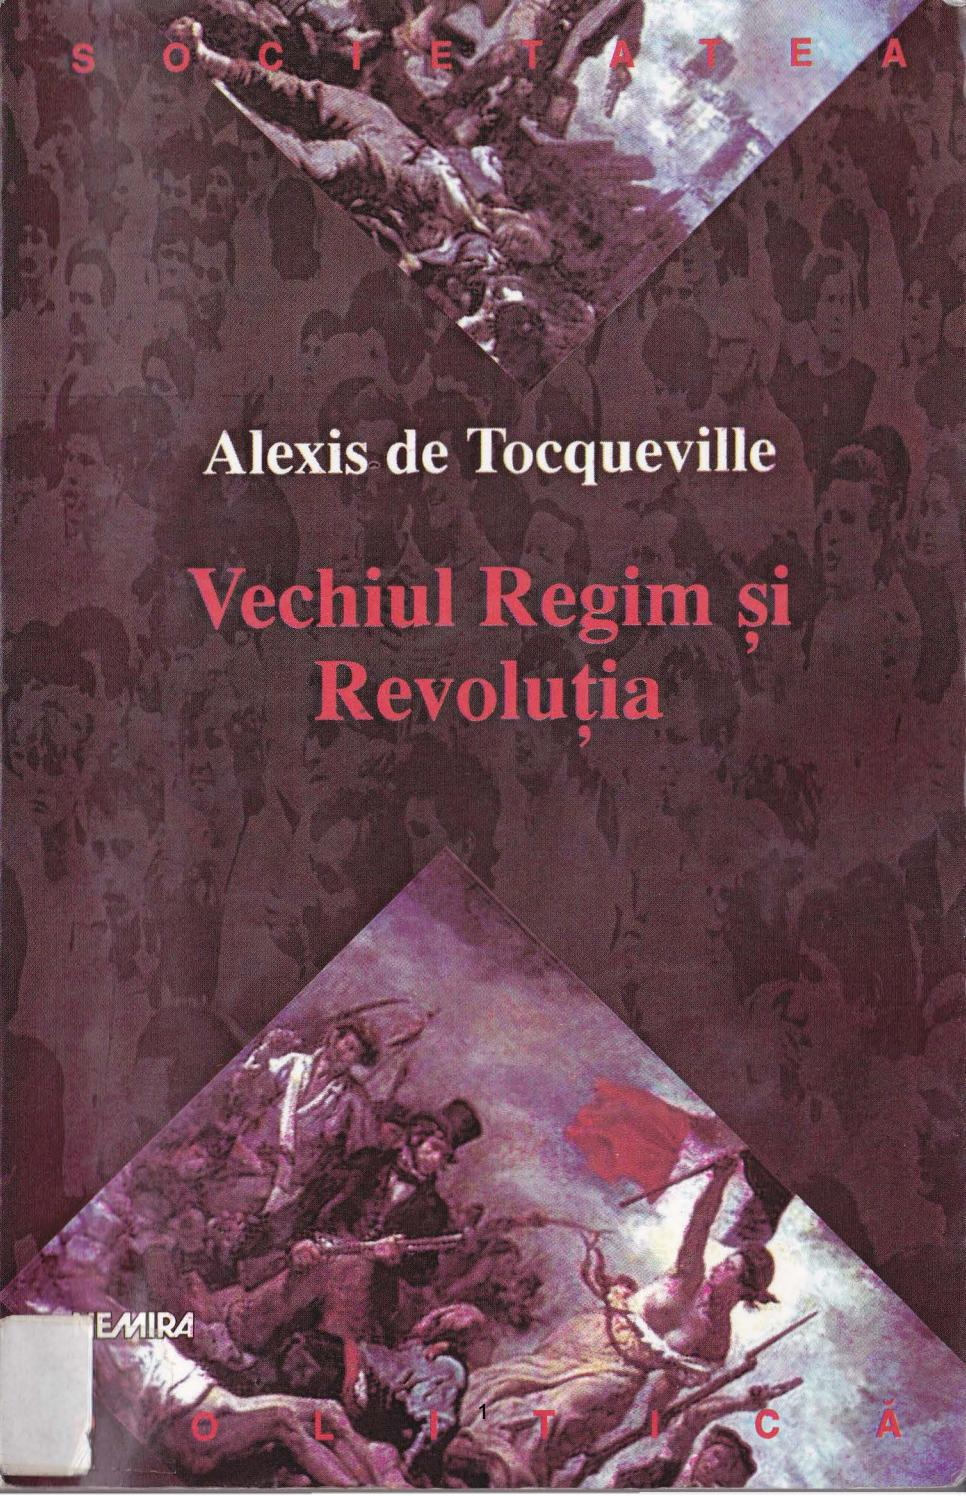 revoluția viziunii de carte)